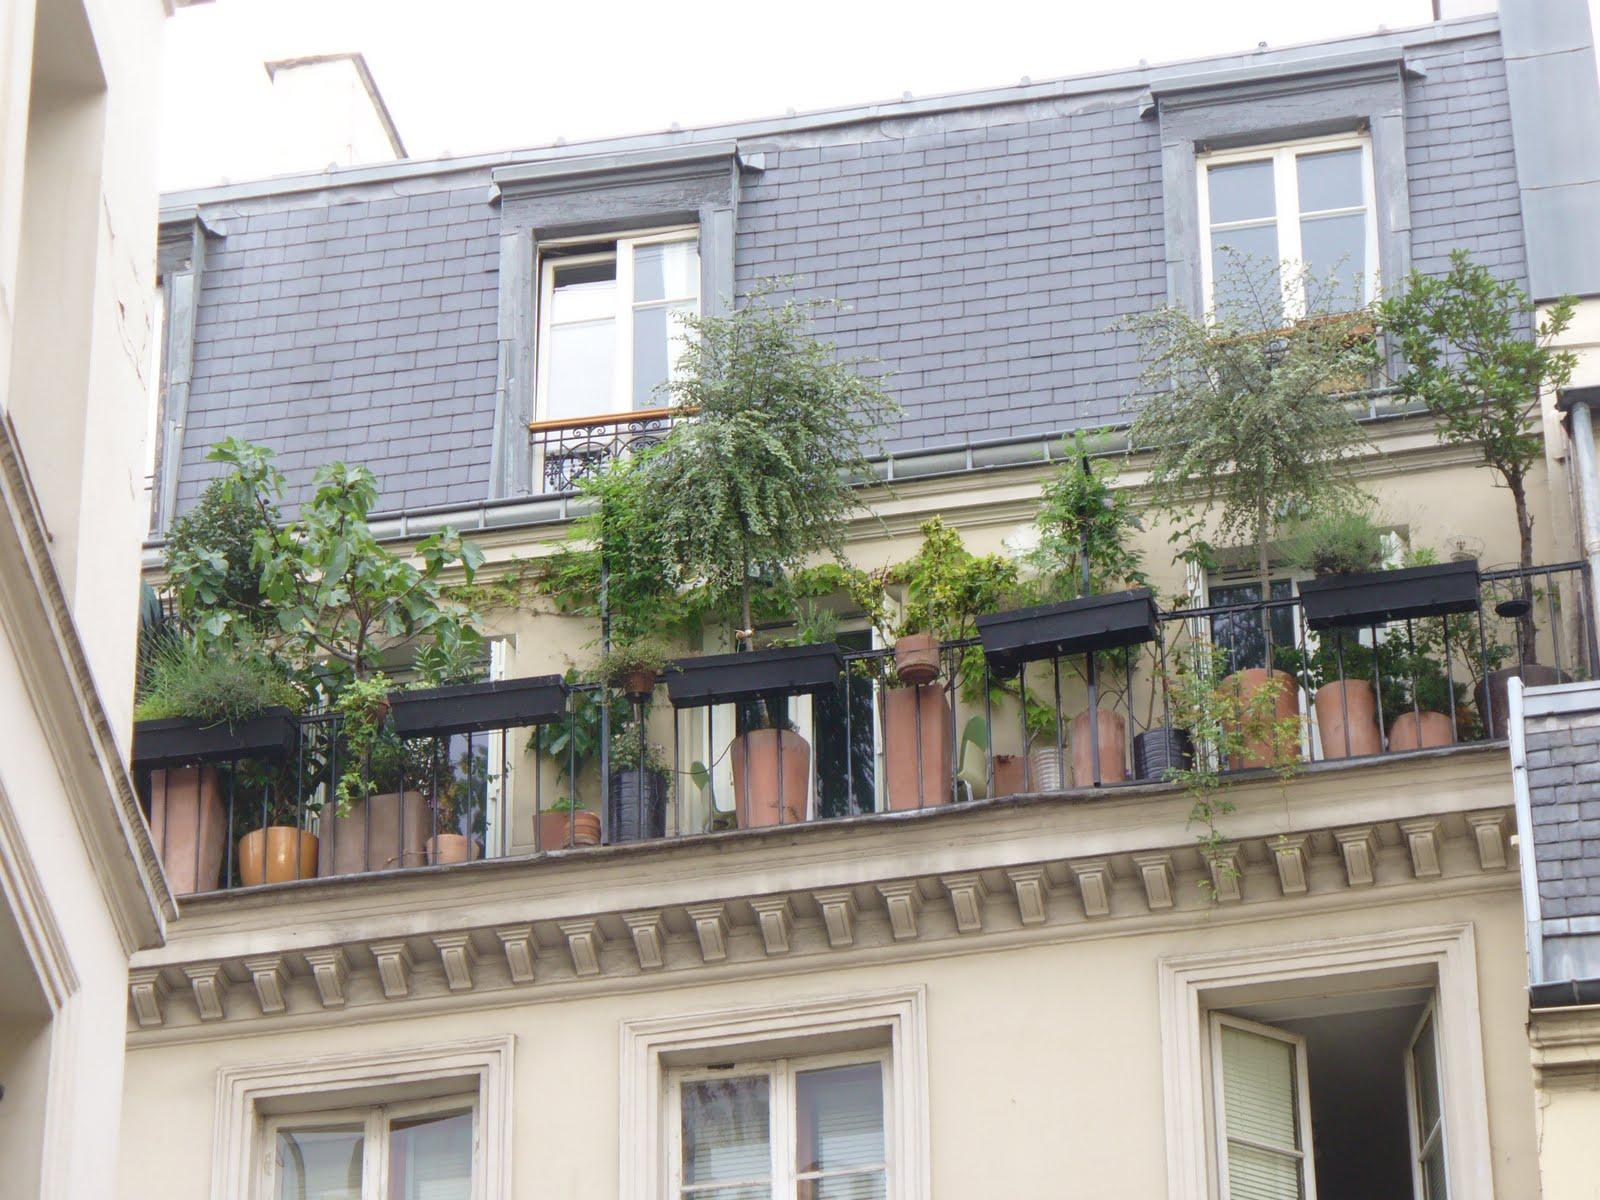 Les balcons de paris les balcons paris des jardins suspendus - Jardin suspendu paris argenteuil ...